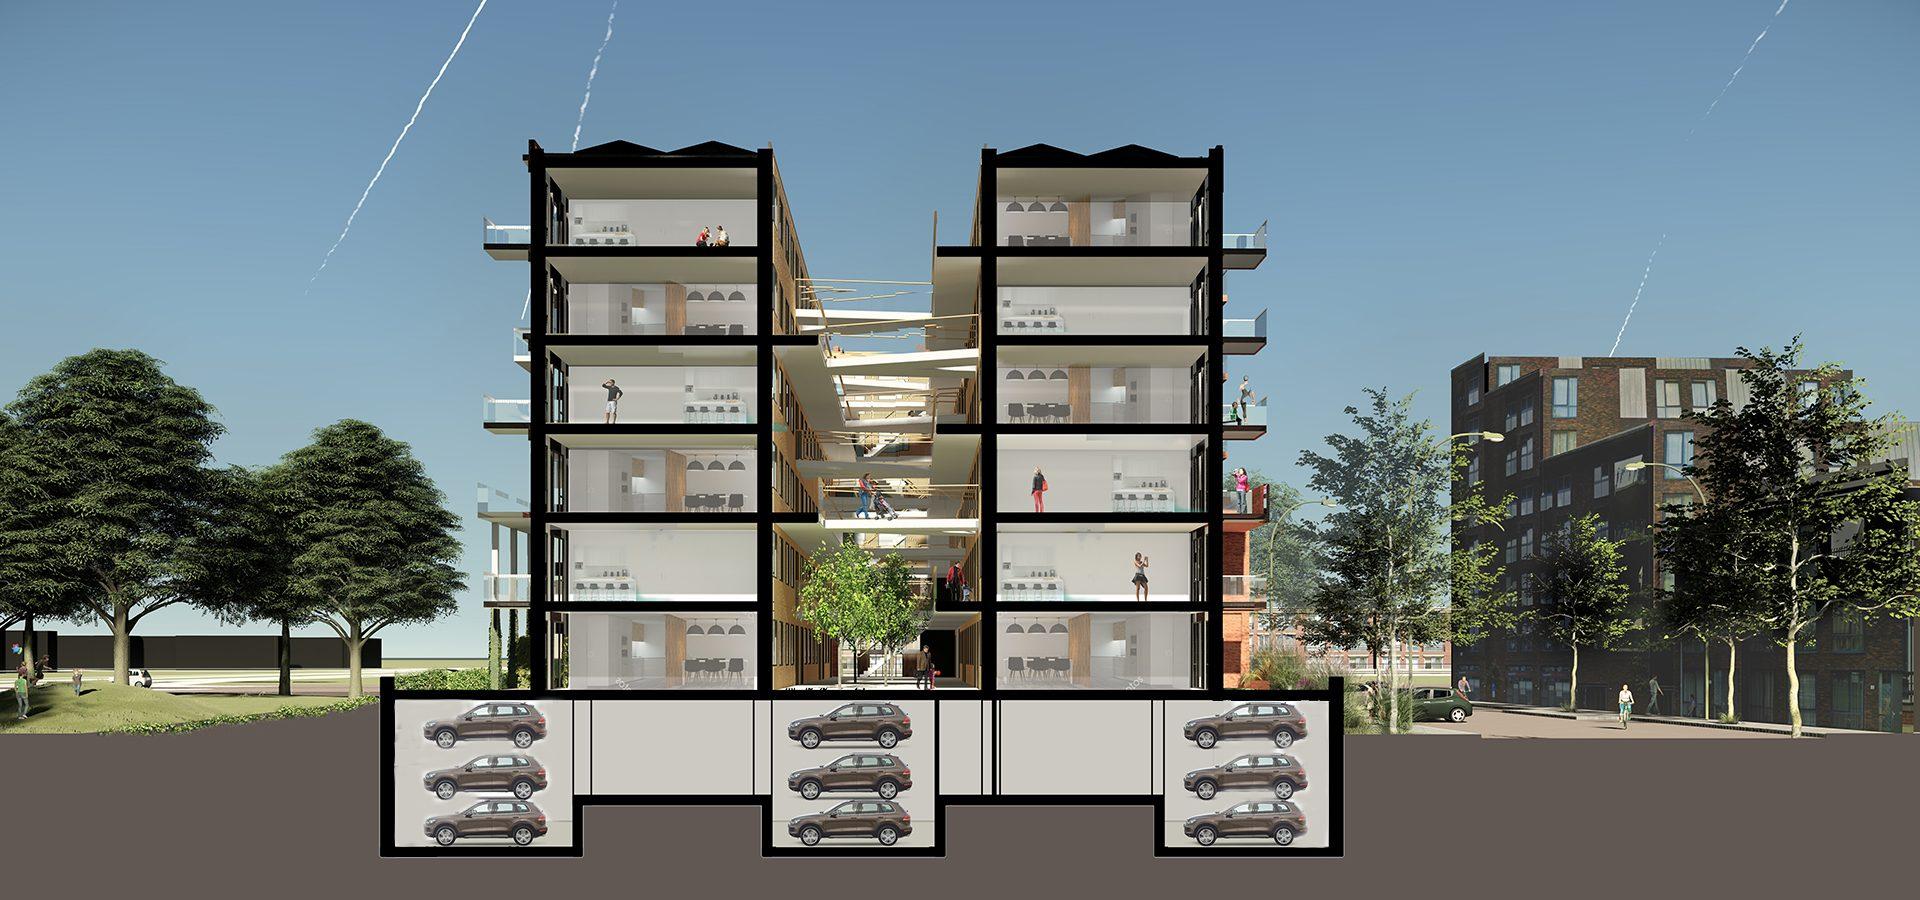 FARO architecten Blok II Haarlem 04